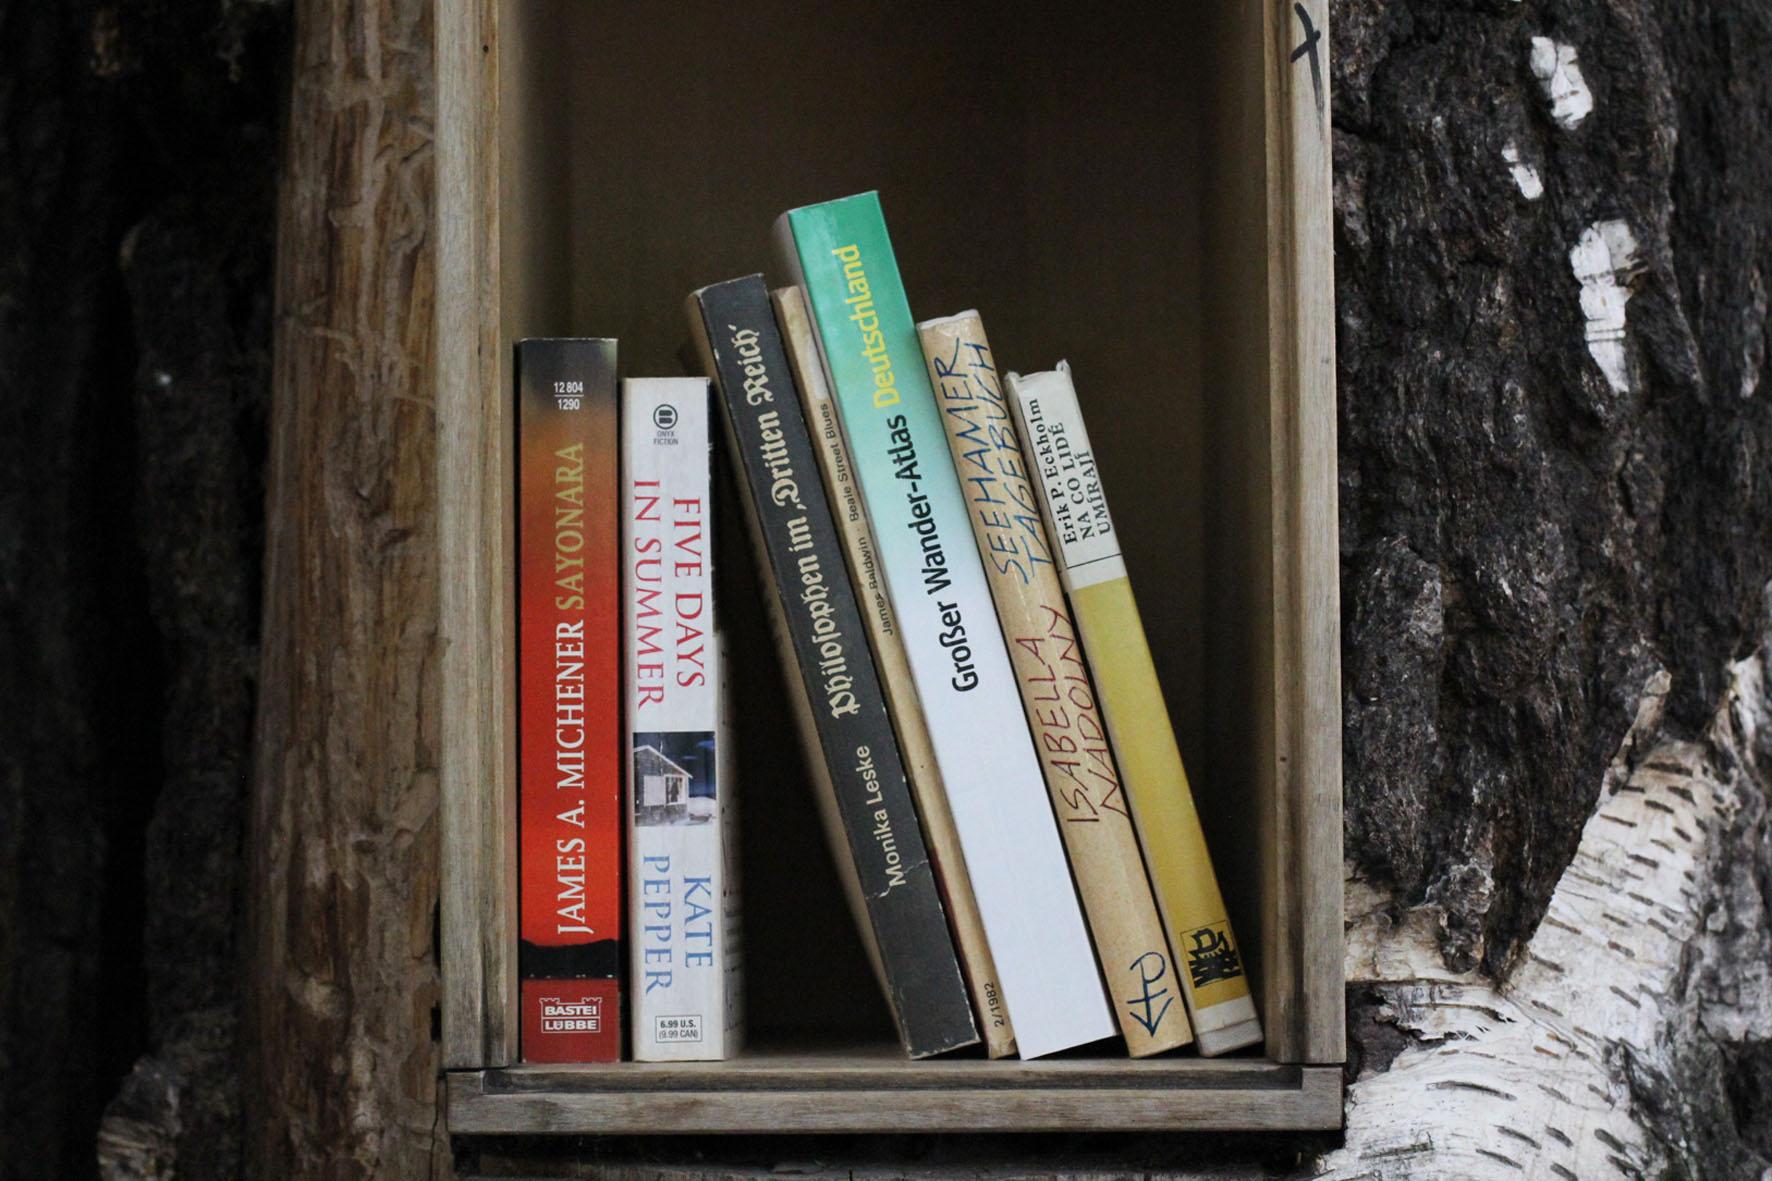 Bücher auf einem Regal im Bücherwald - Eine Bibliothek mit Regalen, die in Stämme geschnitzt sind, die zusammen verschraubt wurden, um einem Baum zu ähneln - auf der Sredzkistrasse in Berlin Prenzlauer Berg